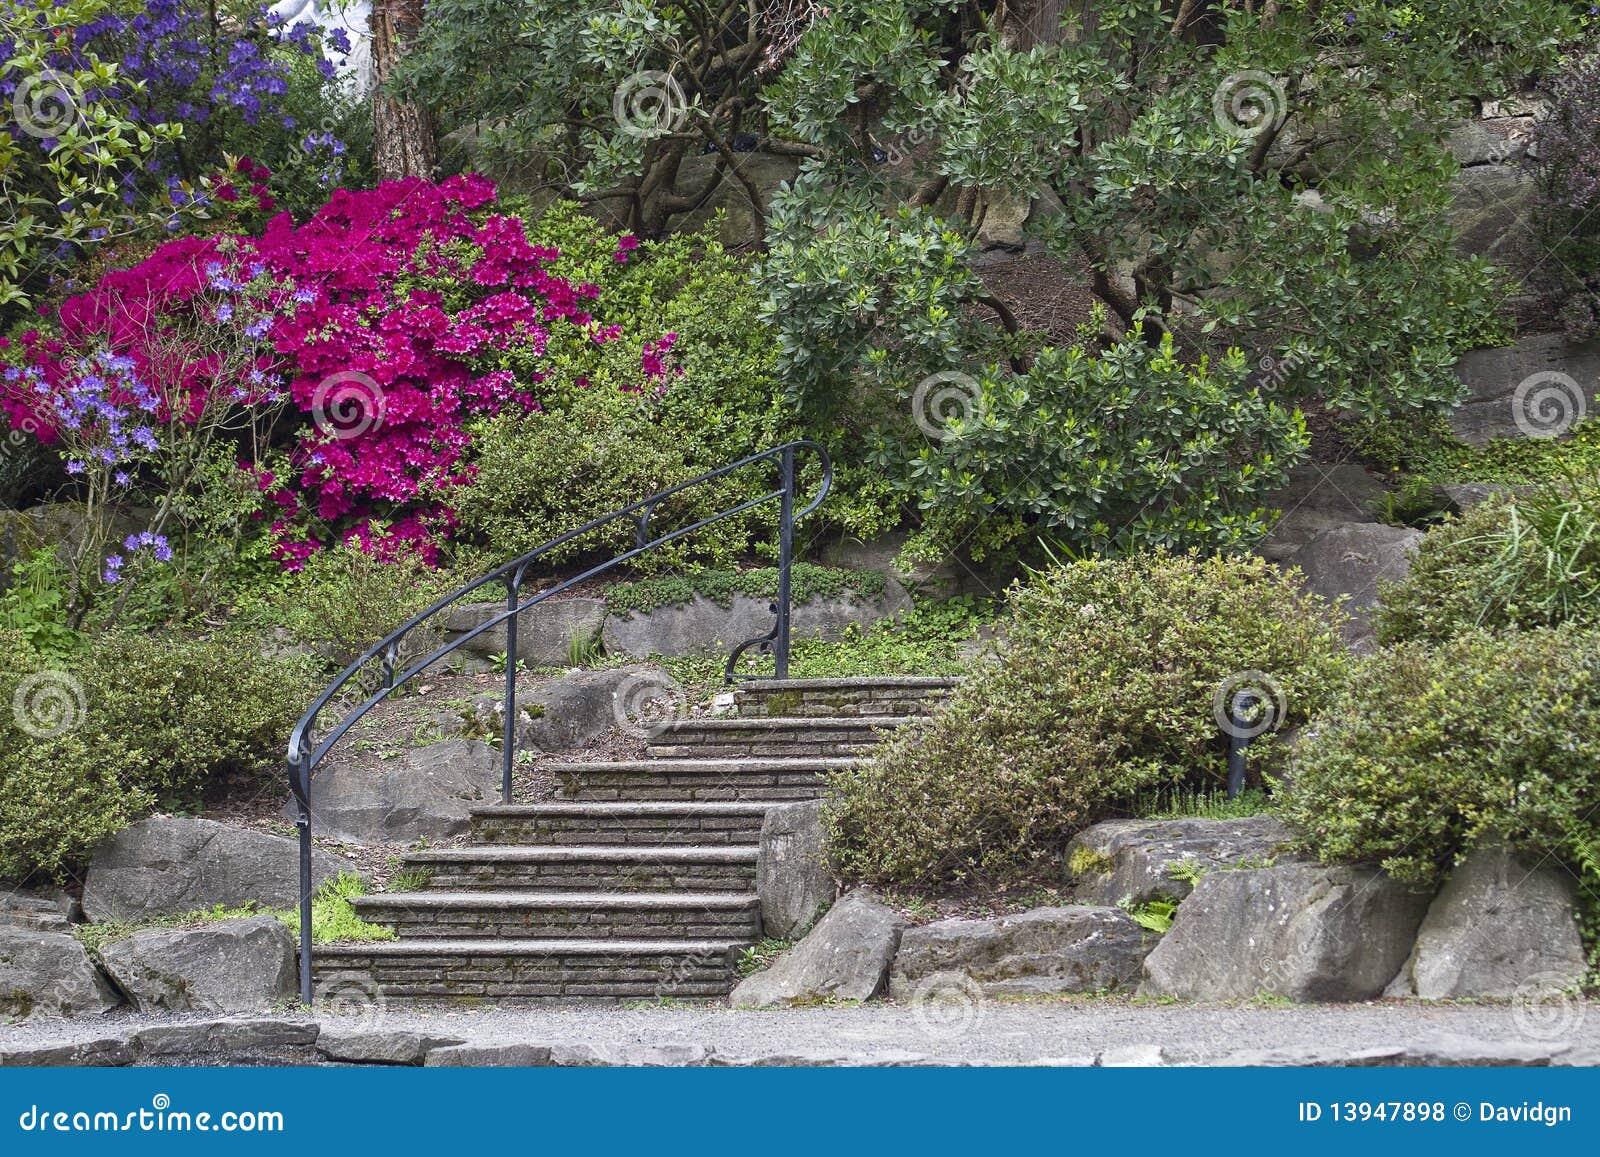 escada de madeira no jardim:Escadas De Pedra No Jardim Do Rhododendron Fotos de Stock Royalty Free